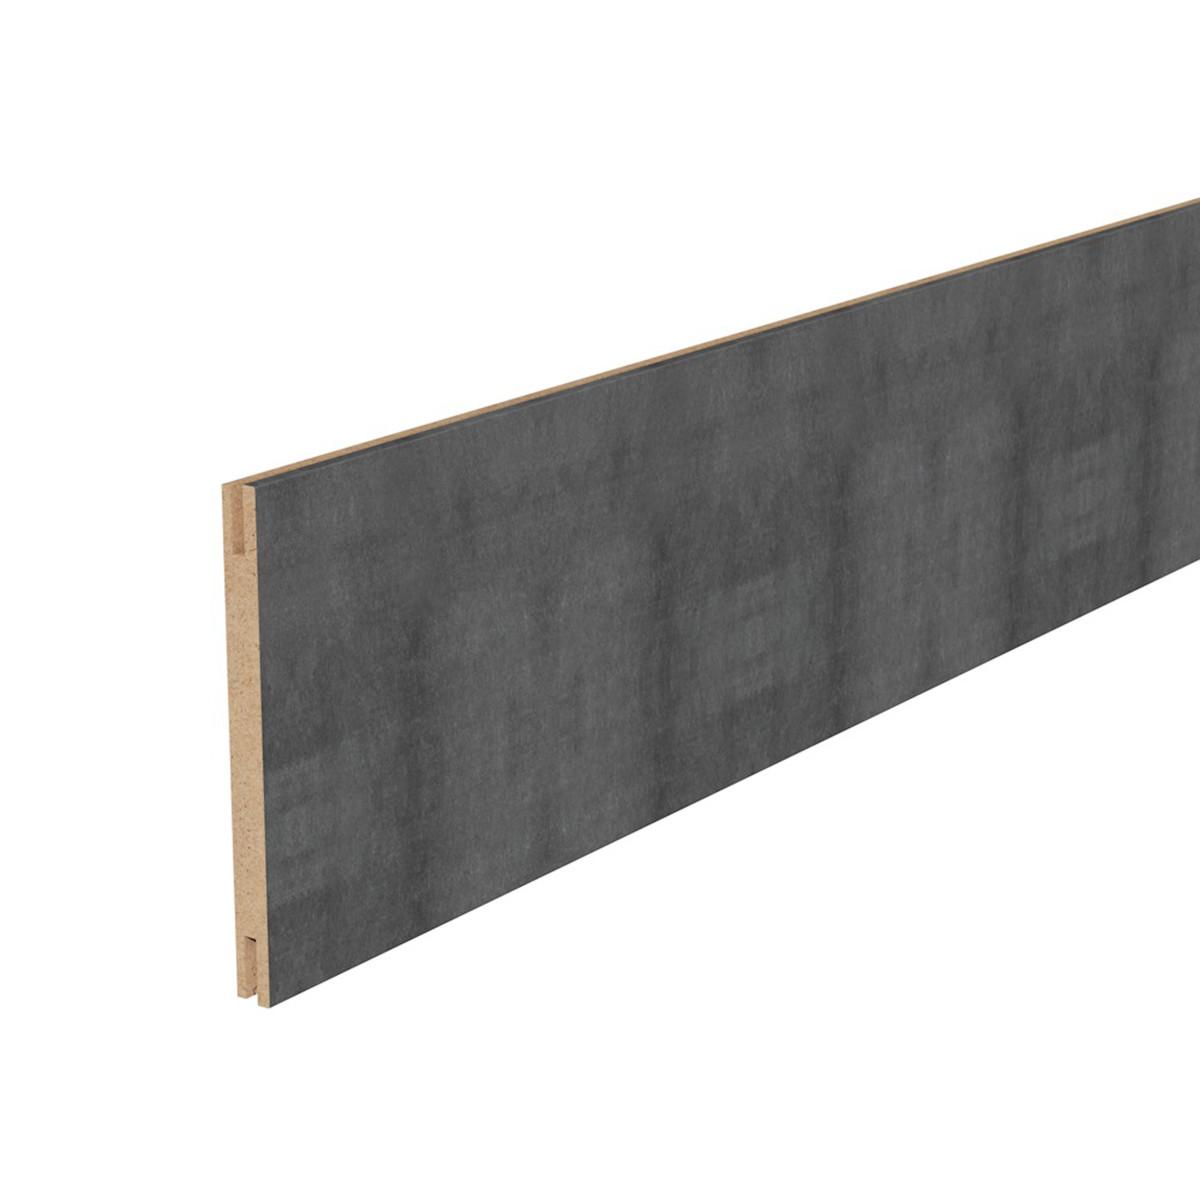 Добор дверной коробки 2050x150 мм МДФ цвет лофт тёмный